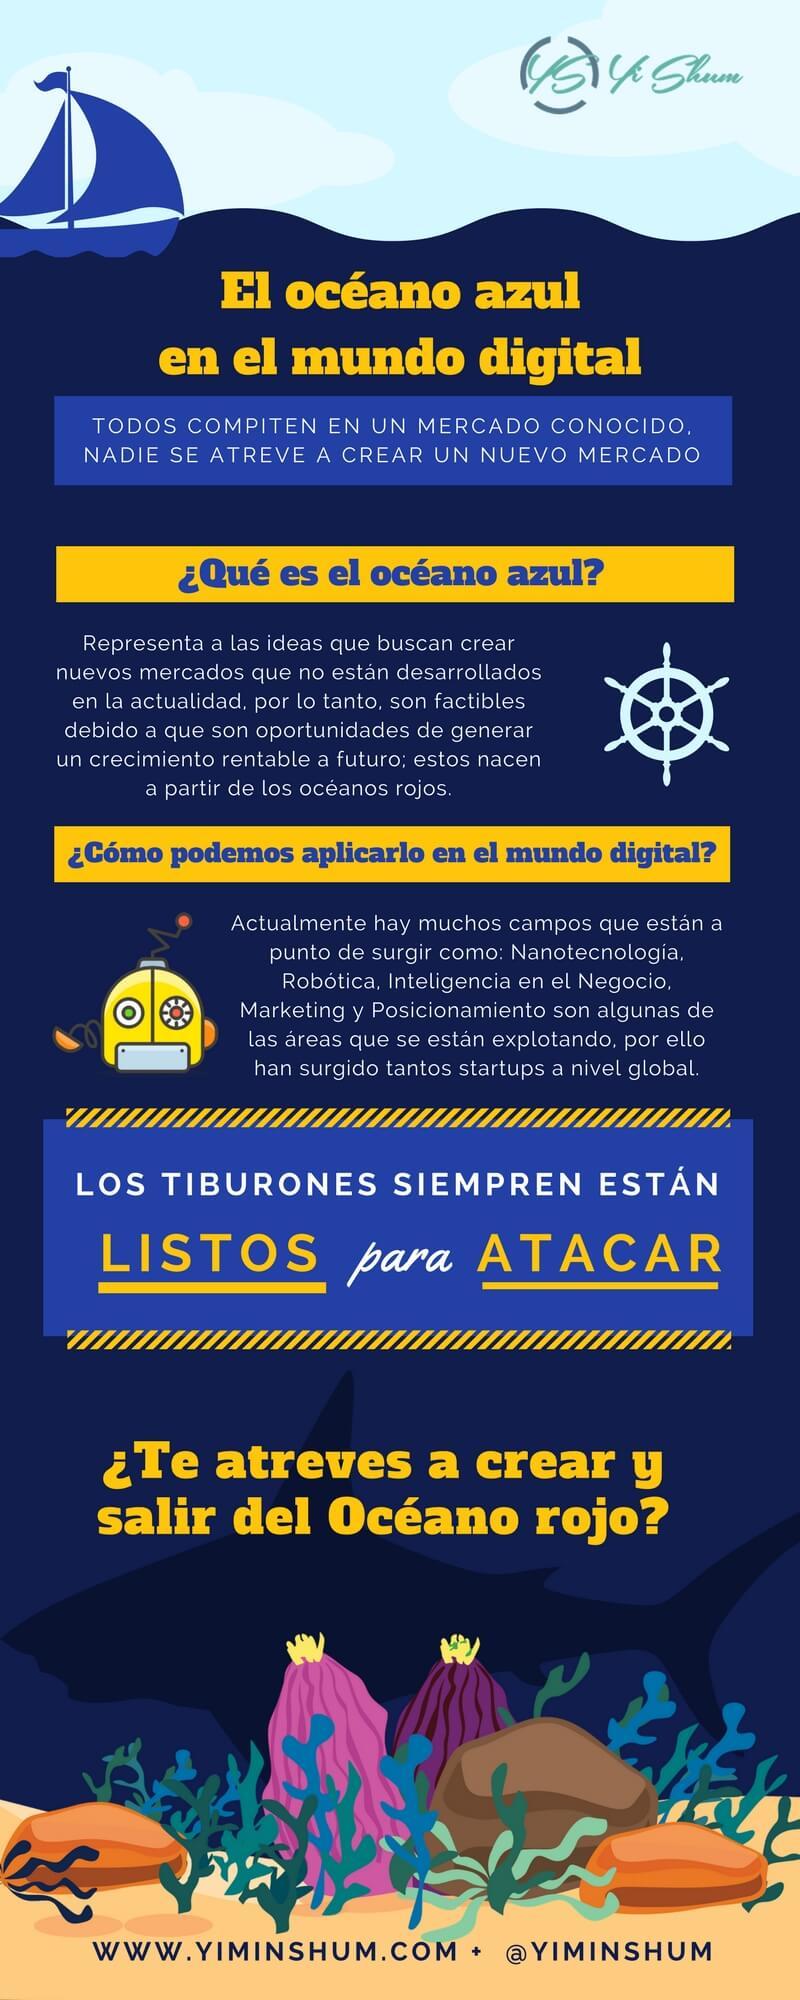 El océano azul en el mundo digital imagen